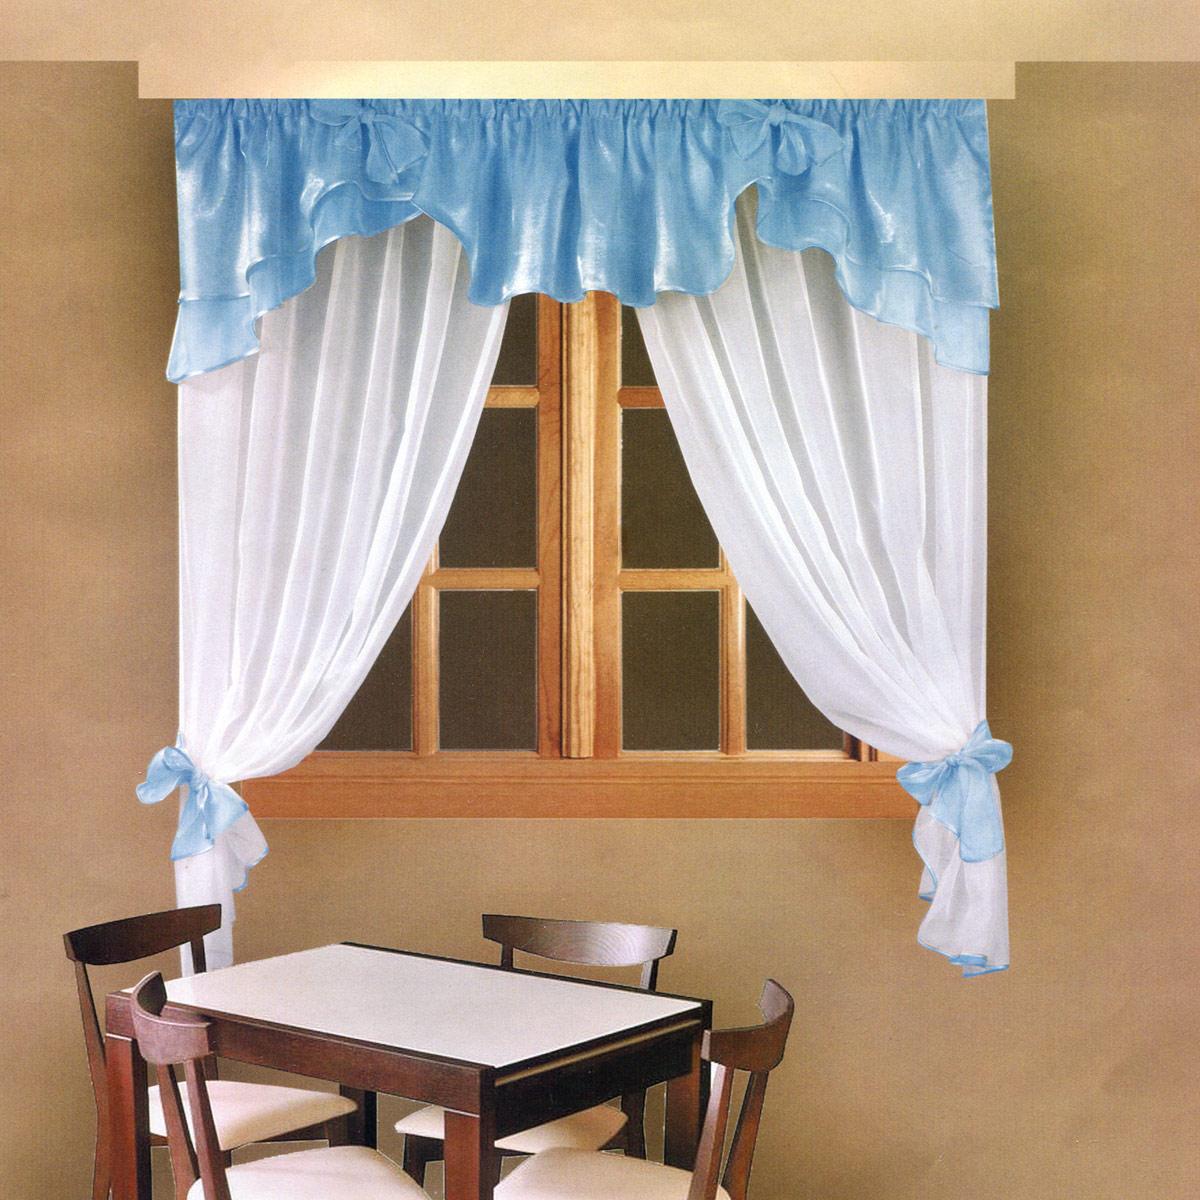 Комплект штор Zlata Korunka, на ленте, цвет: голубой, высота 160 см. Б029S03301004Роскошный комплект штор Zlata Korunka, выполненный из полиэстера, великолепно украсит любое окно. Комплект состоит из ламбрекена и тюля. Воздушная ткань и приятная, приглушенная гамма привлекут к себе внимание и органично впишутся в интерьер помещения. Этот комплект будет долгое время радовать вас и вашу семью! Шторы крепятся на карниз при помощи ленты, которая поможет красиво и равномерно задрапировать верх. Тюль можно зафиксировать в одном положении с помощью двух подхватов, которые можно завязать в банты.